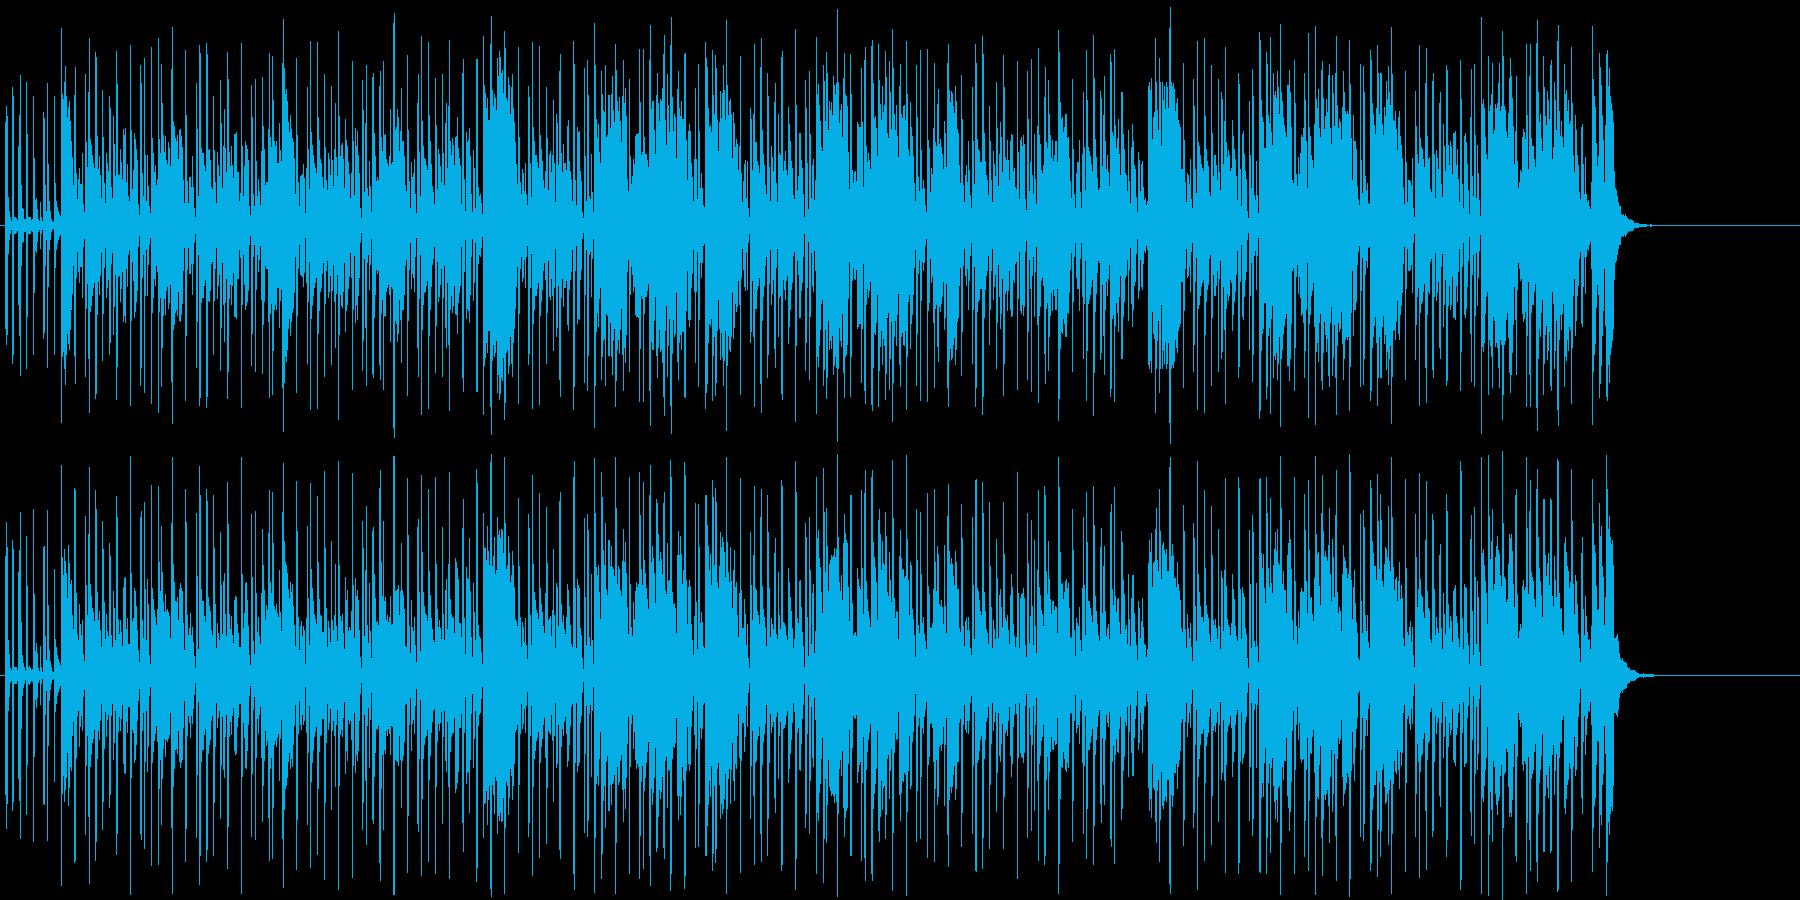 ドライブ 青空 アウトドア  街並みの再生済みの波形